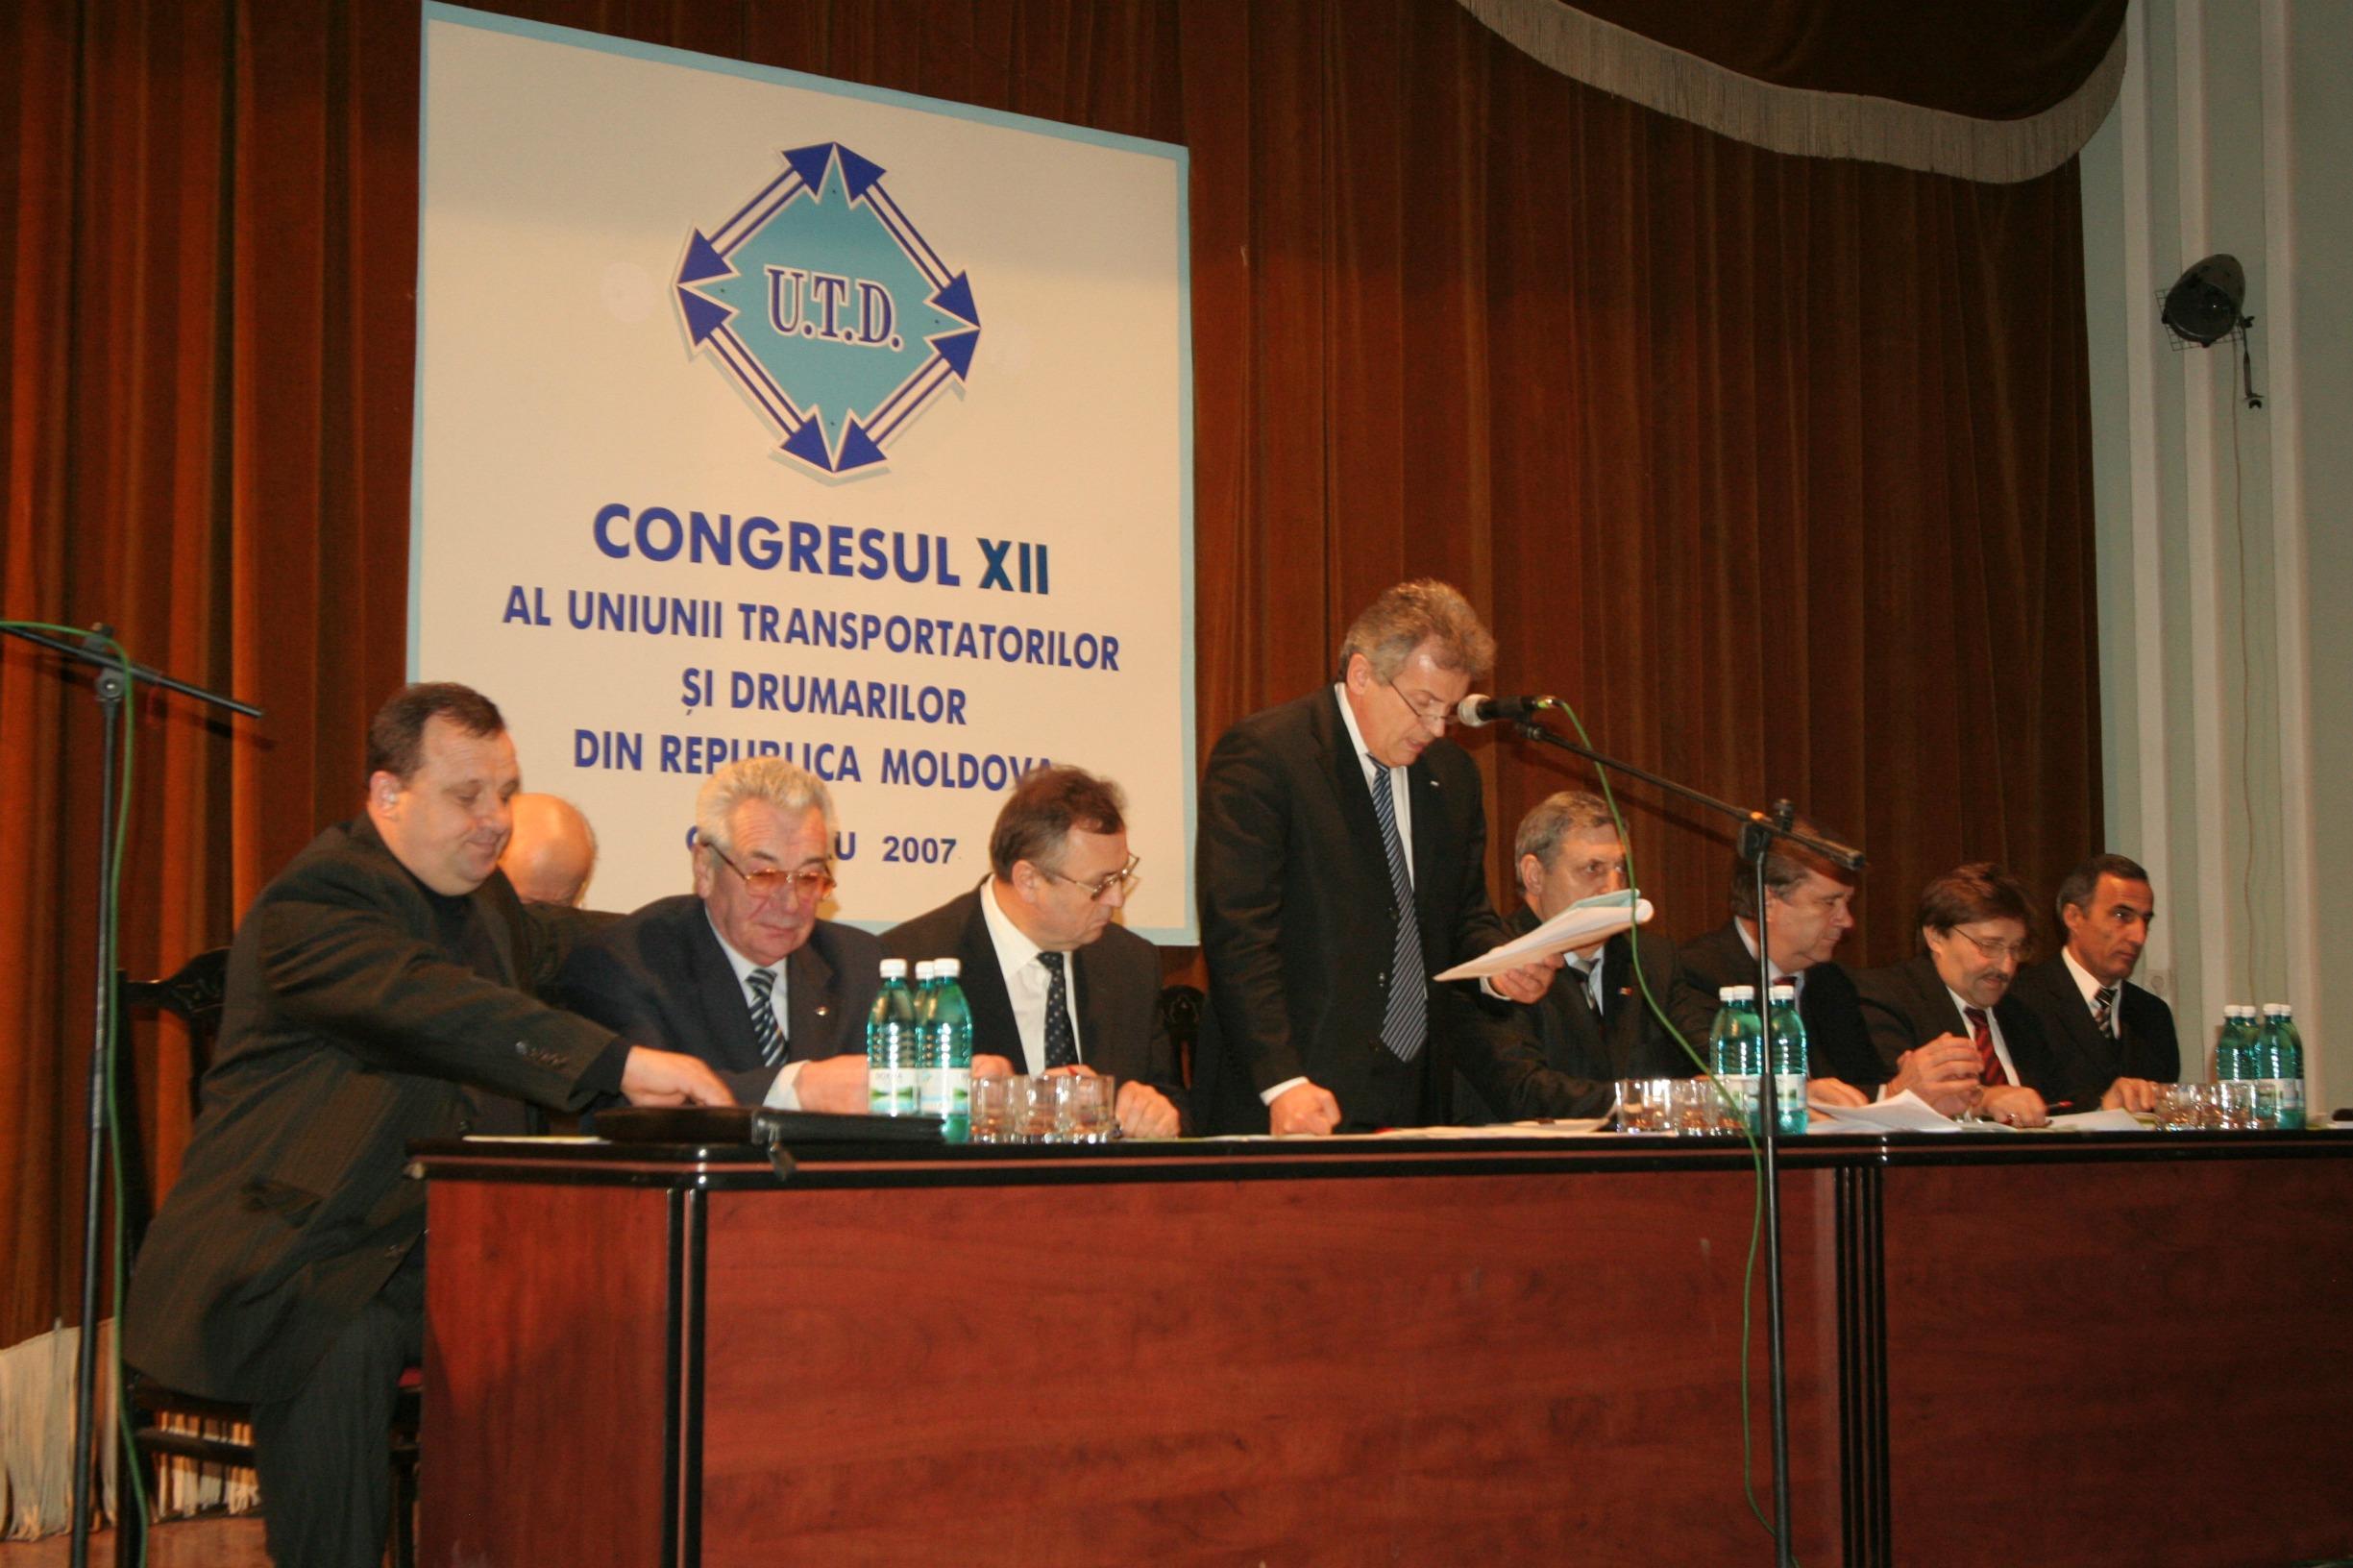 Congresul XII (4)